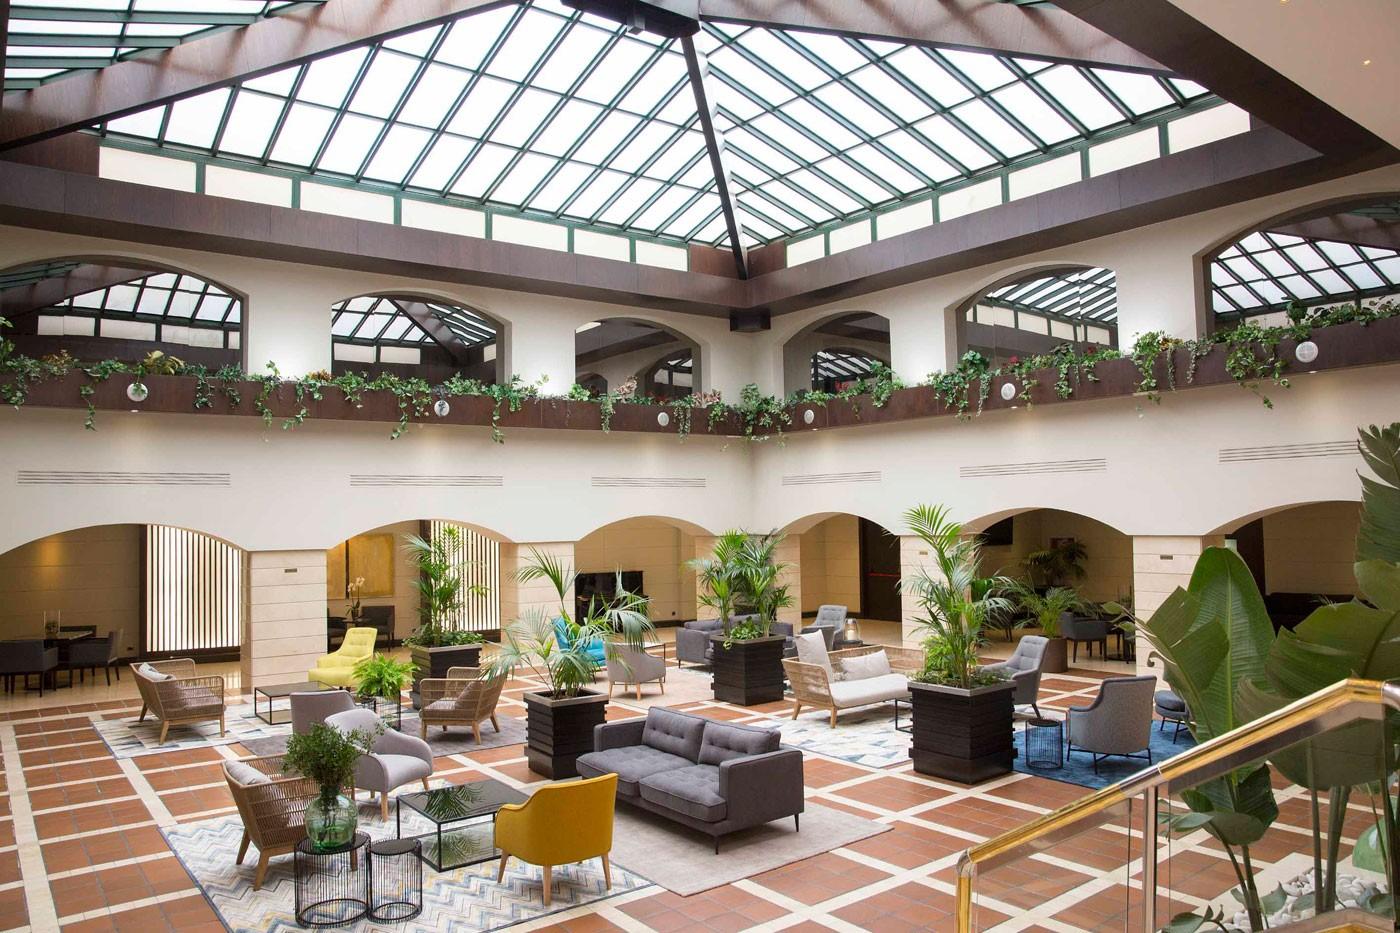 Intur Castellón. Hoteles Bodas Castellón de la Plana. Patio interior 1